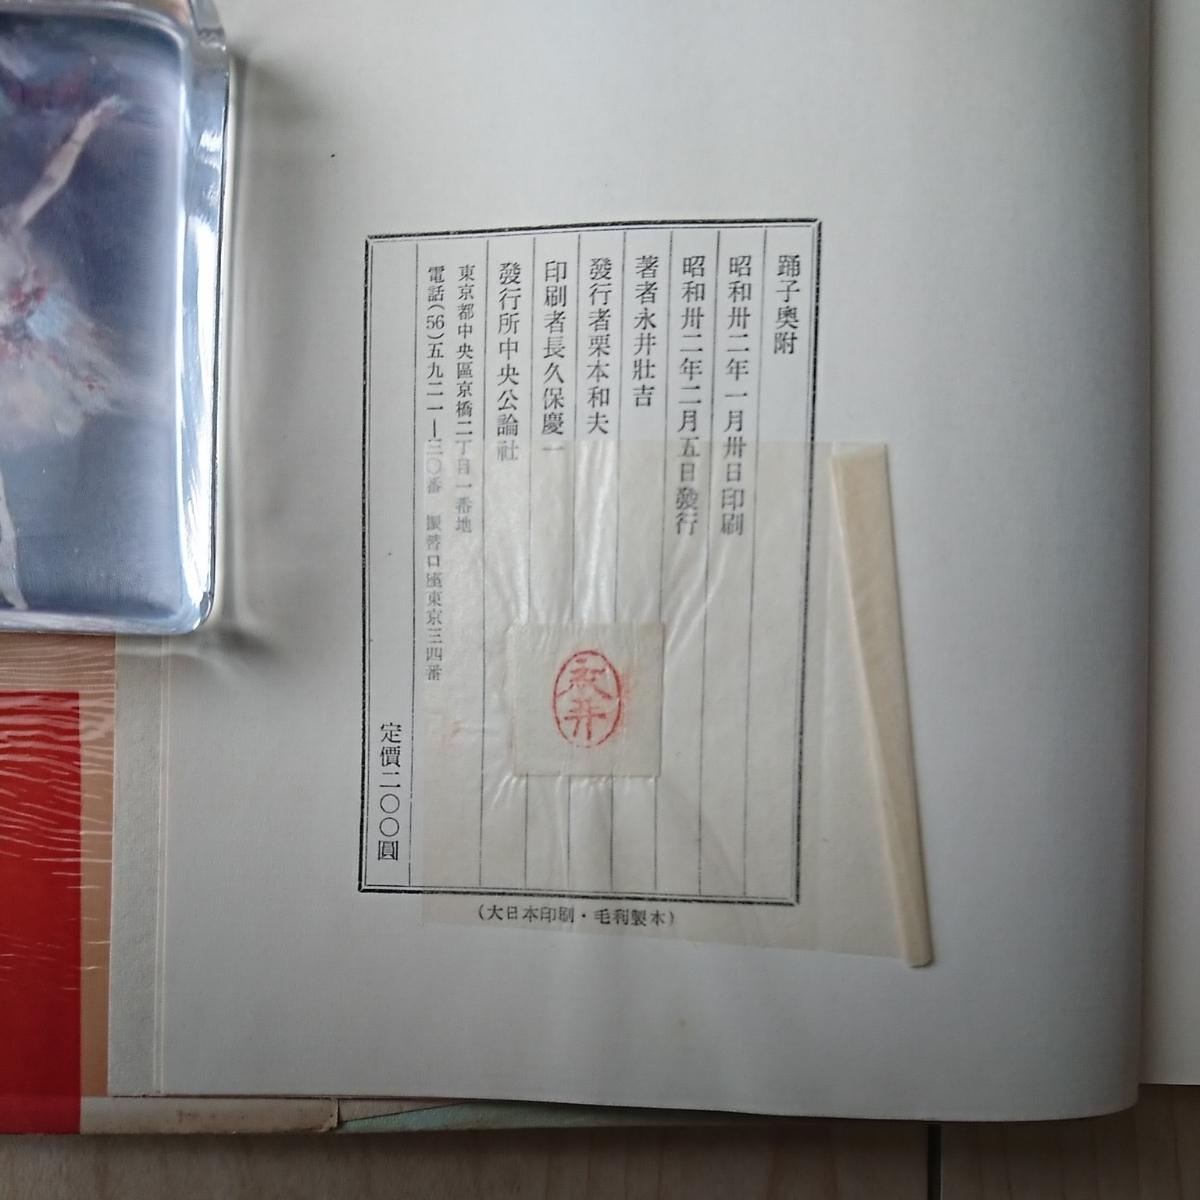 ■『踊子』永井荷風著。昭和32年初版カバー帯・元cellophane付。中央公論社發行。他に勲章・おもかげ・葛飾情話。■遺憾乍ら背が褪色。_画像8